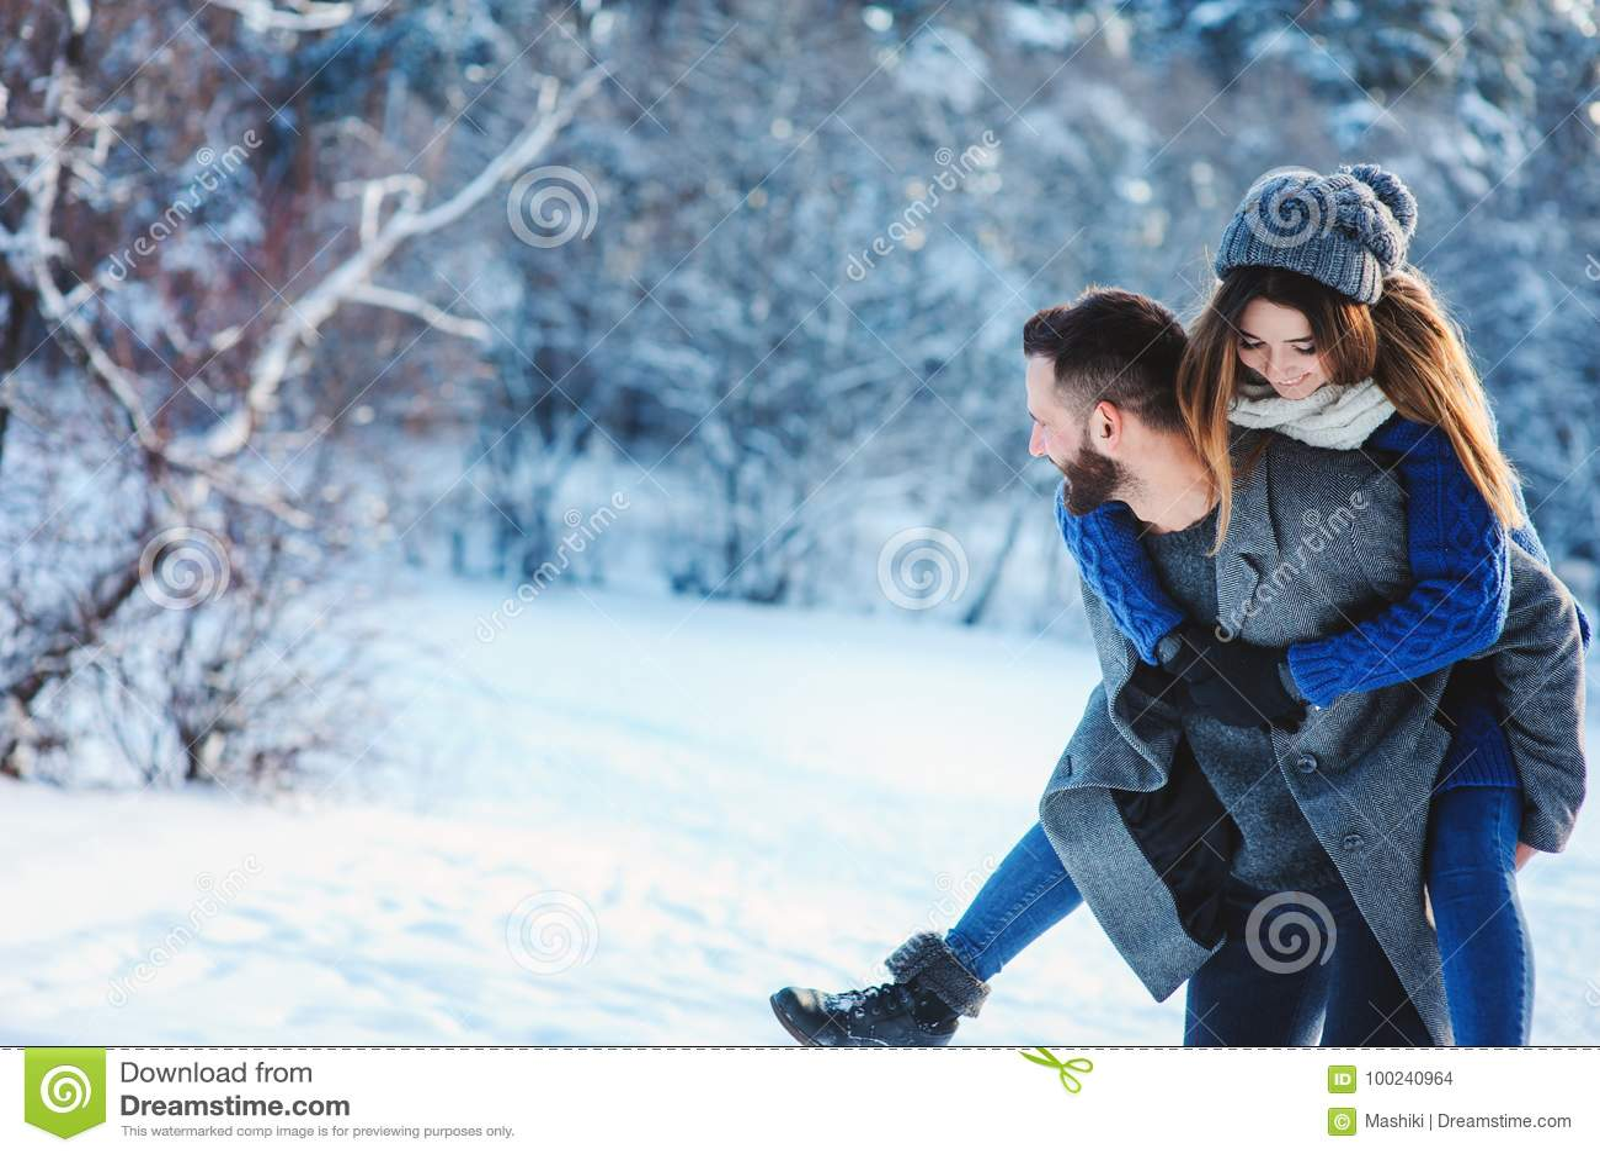 Die glücklichen liebevollen Paare, die in den Wald des verschneiten Winters, Weihnachten aufwendend gehen, machen zusammen Urlaub